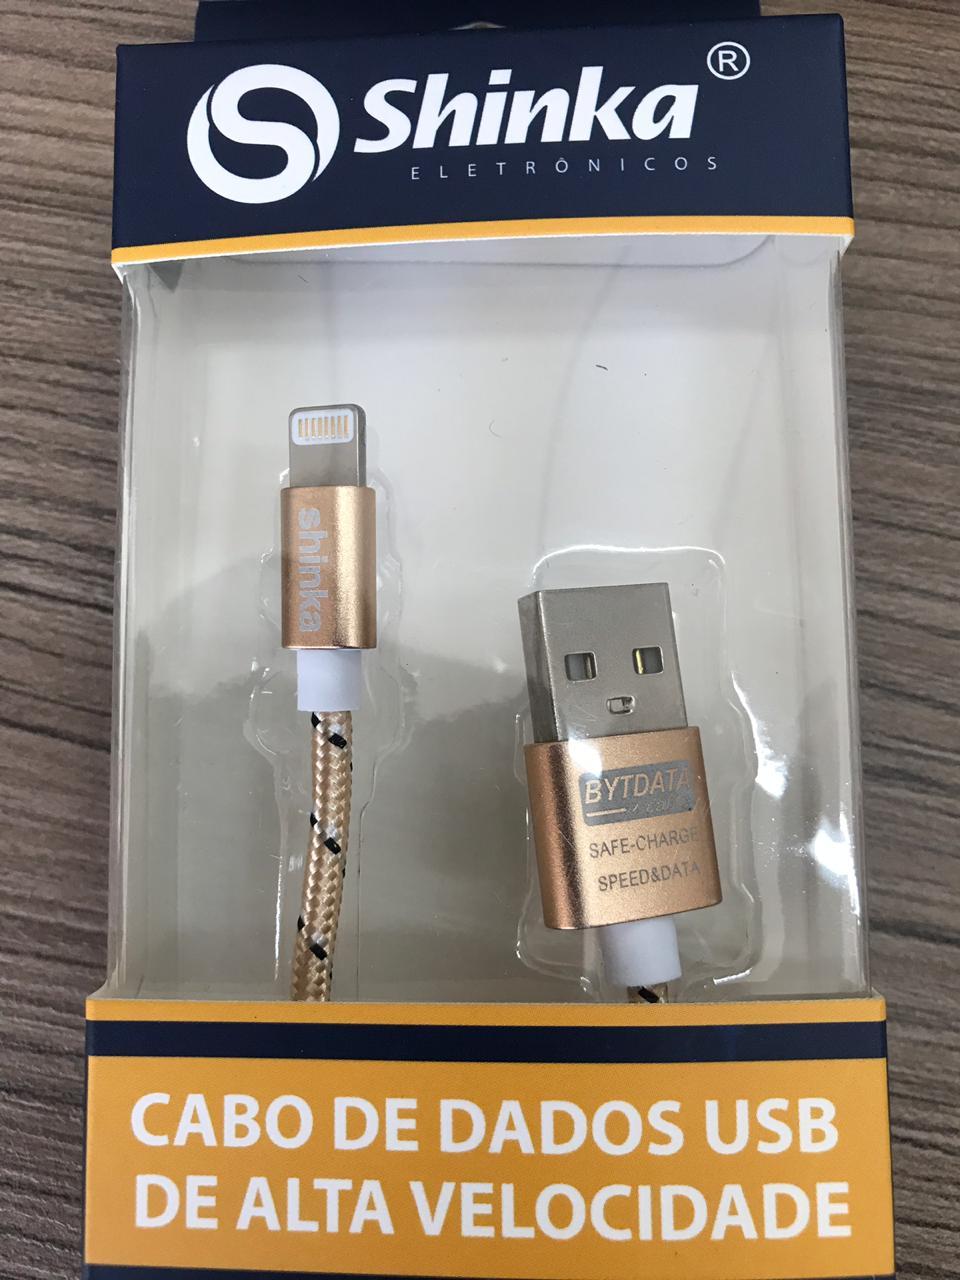 CABO USB LIGHTNING TECIDO 1M SHINKA SJX-09-6S